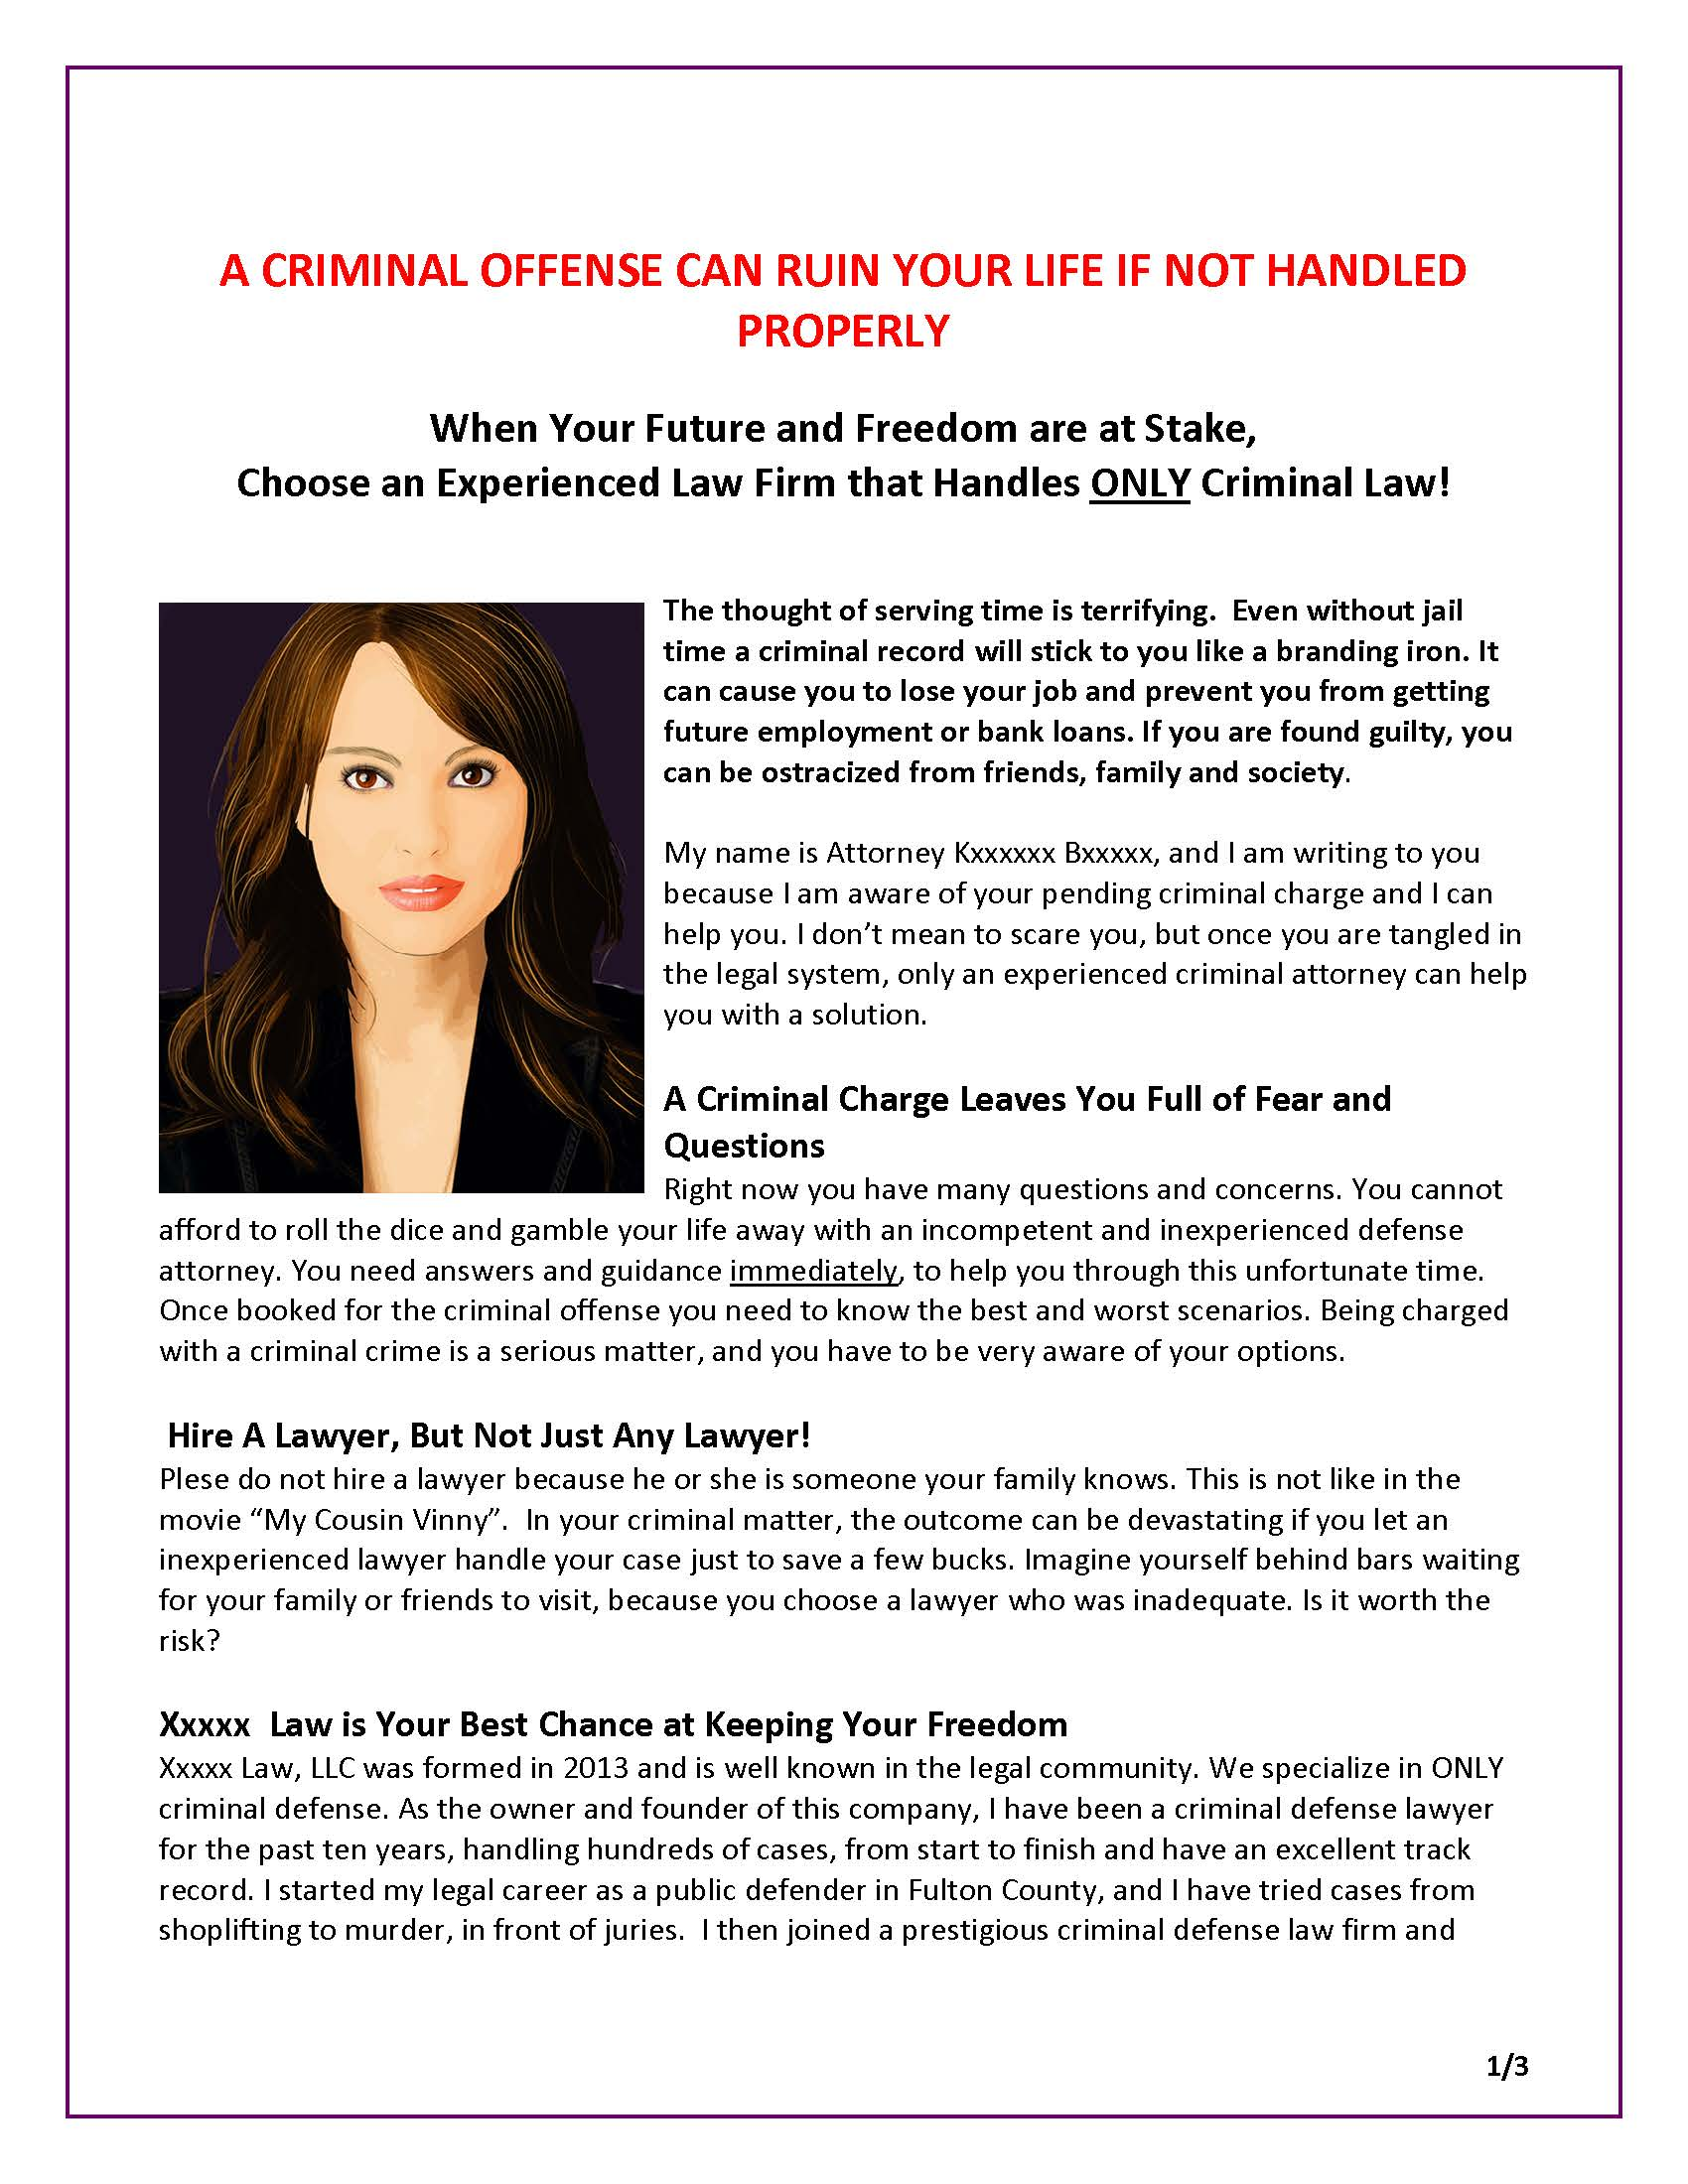 Sales Letter - DM Letter for Criminal Defense Attorney_Page_1